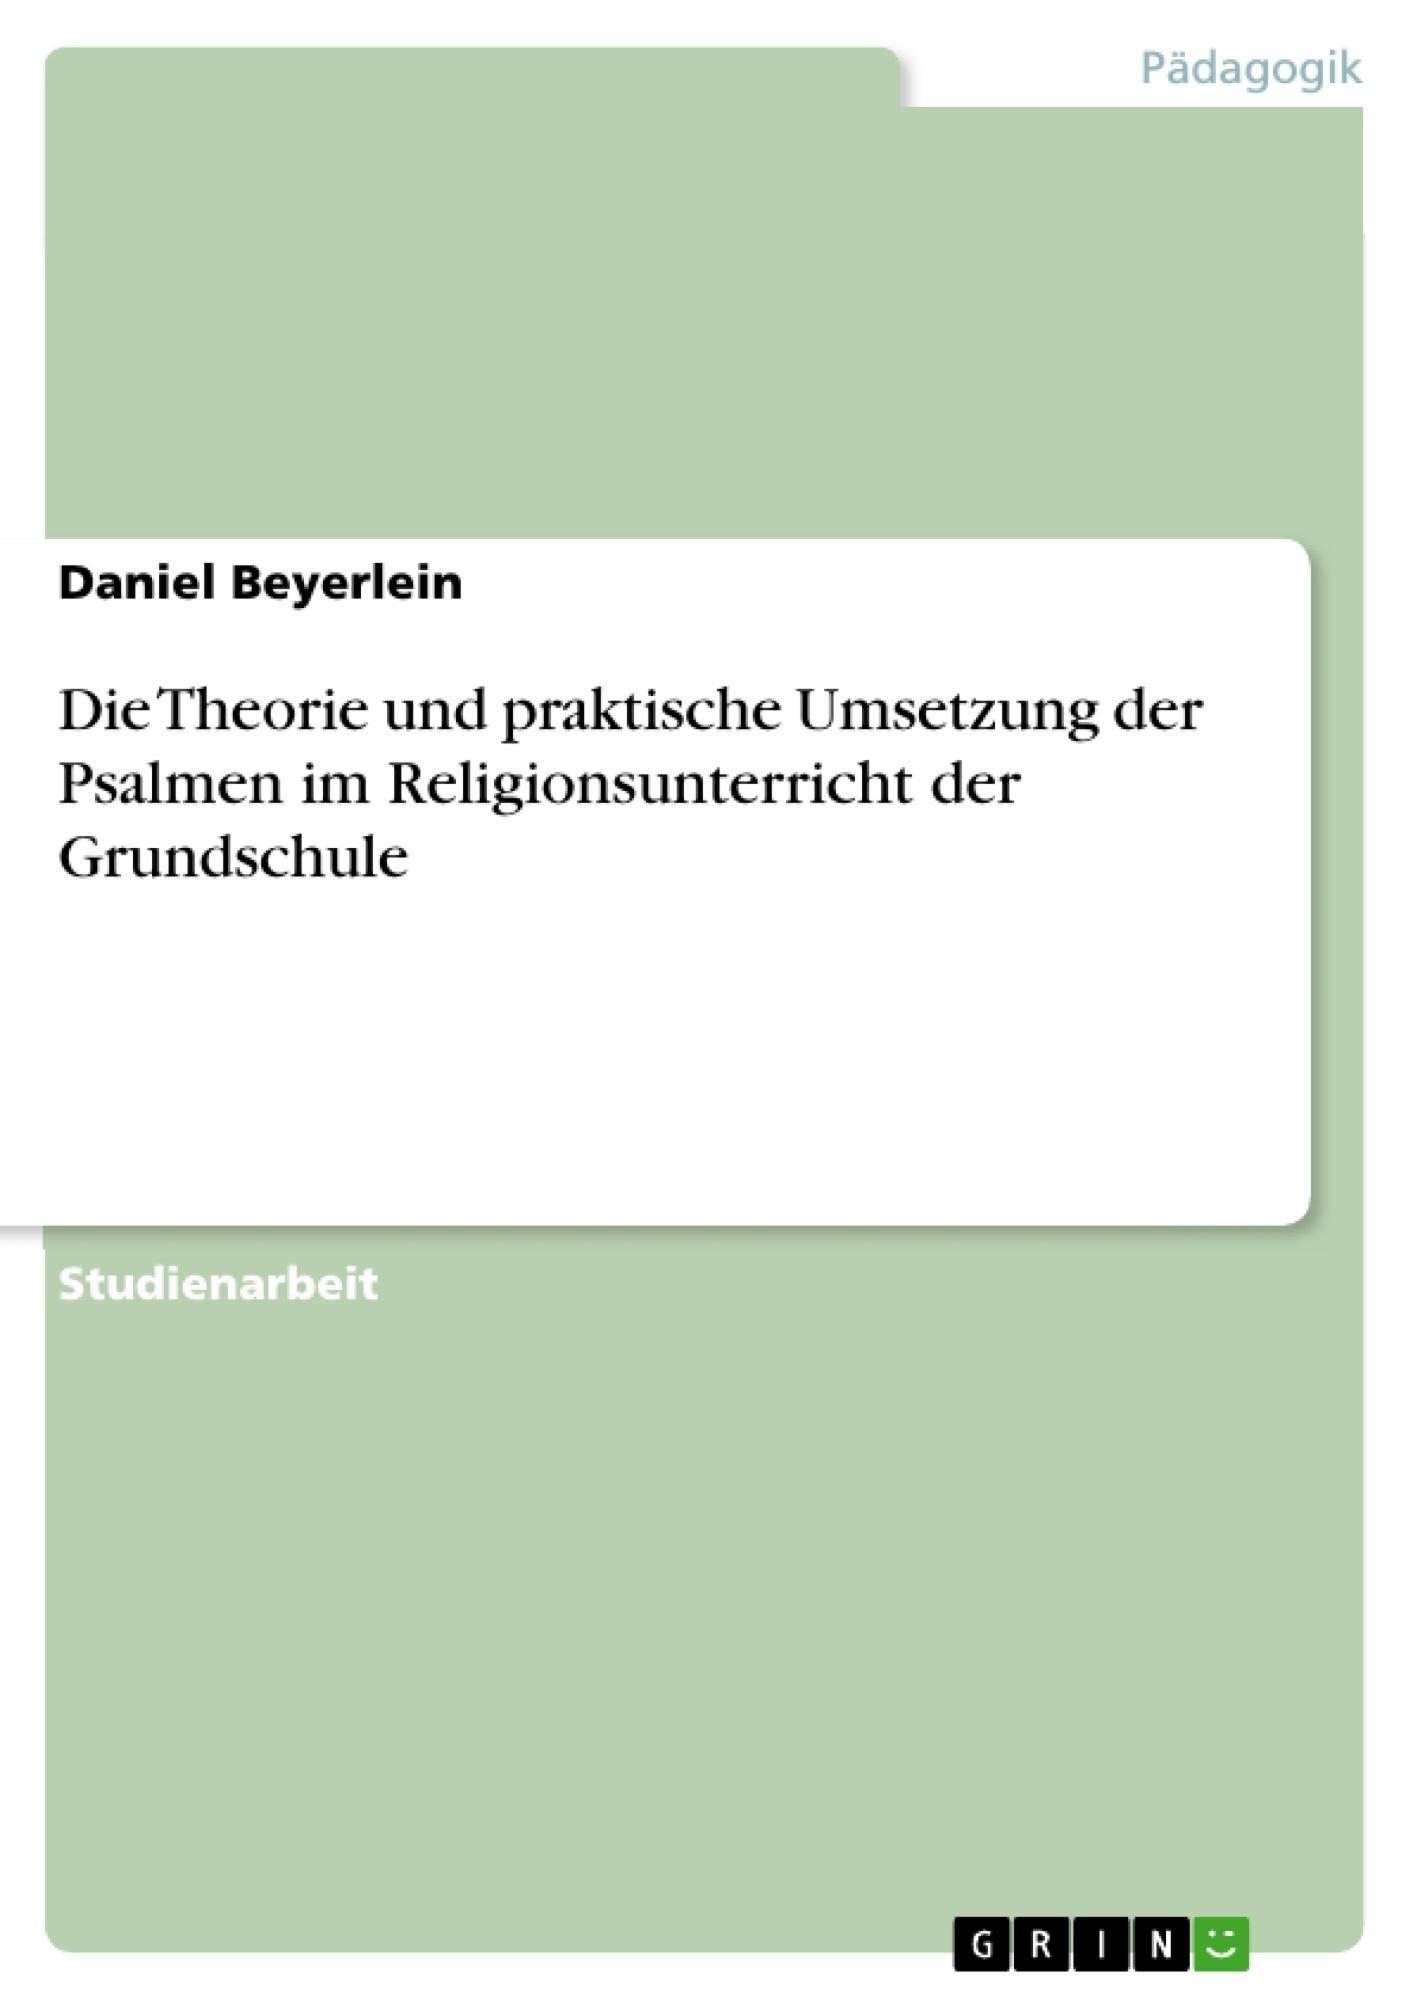 Titel: Die Theorie und praktische Umsetzung der Psalmen im Religionsunterricht der Grundschule